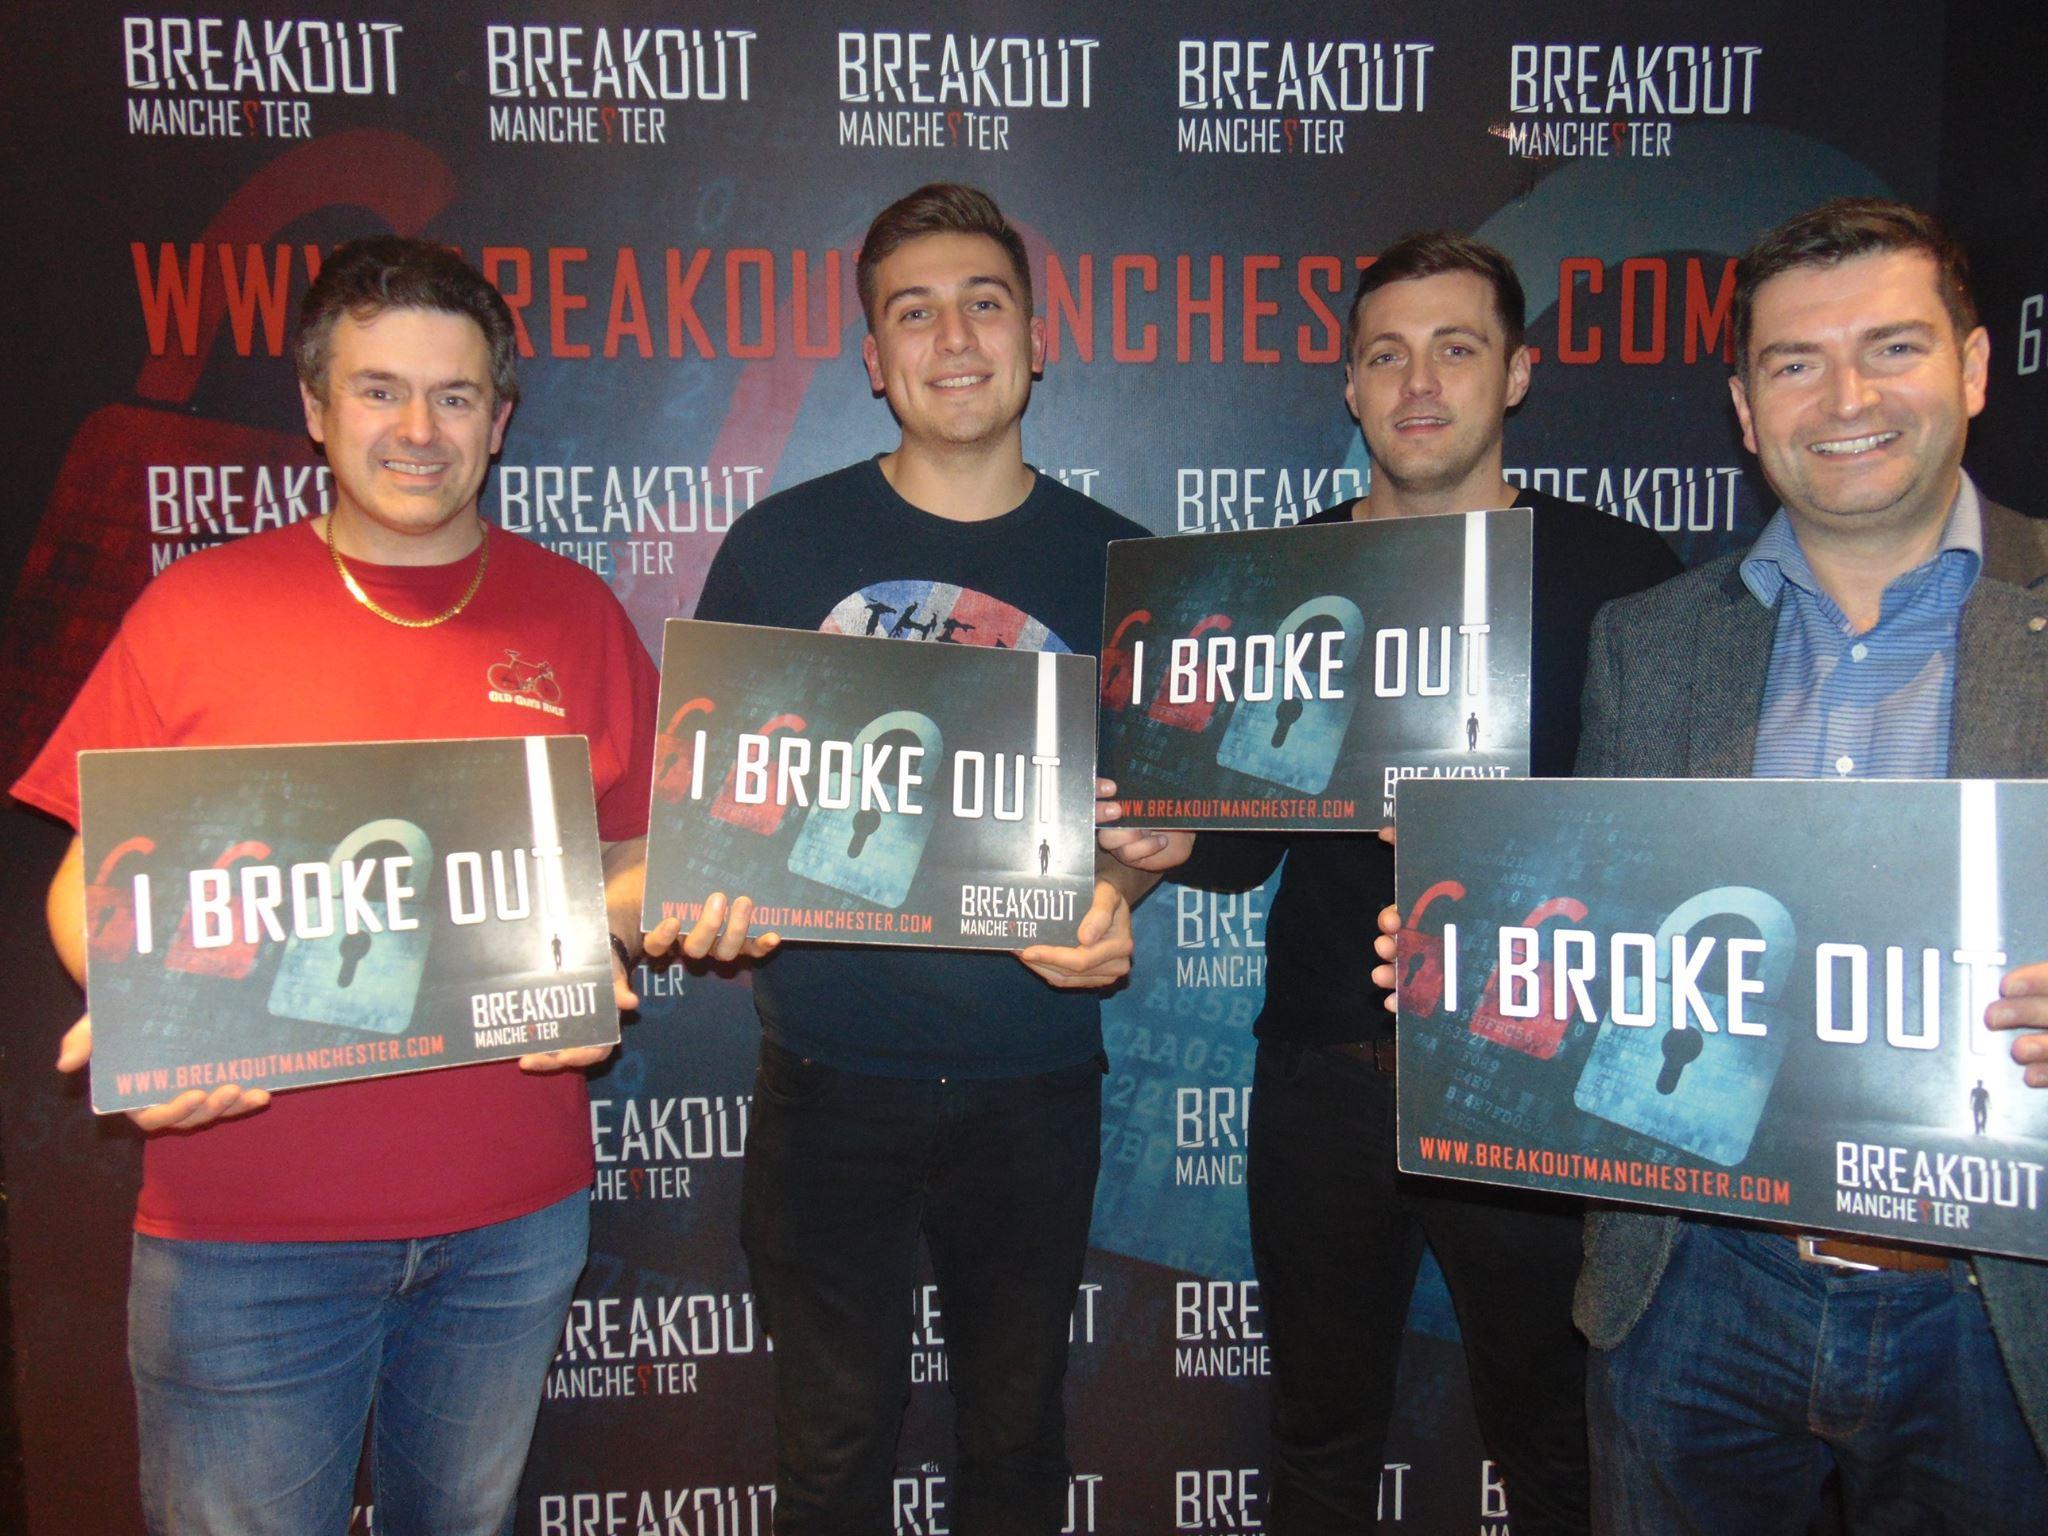 Vickers_Me_Luke_Will Team Breakout-1.jpg